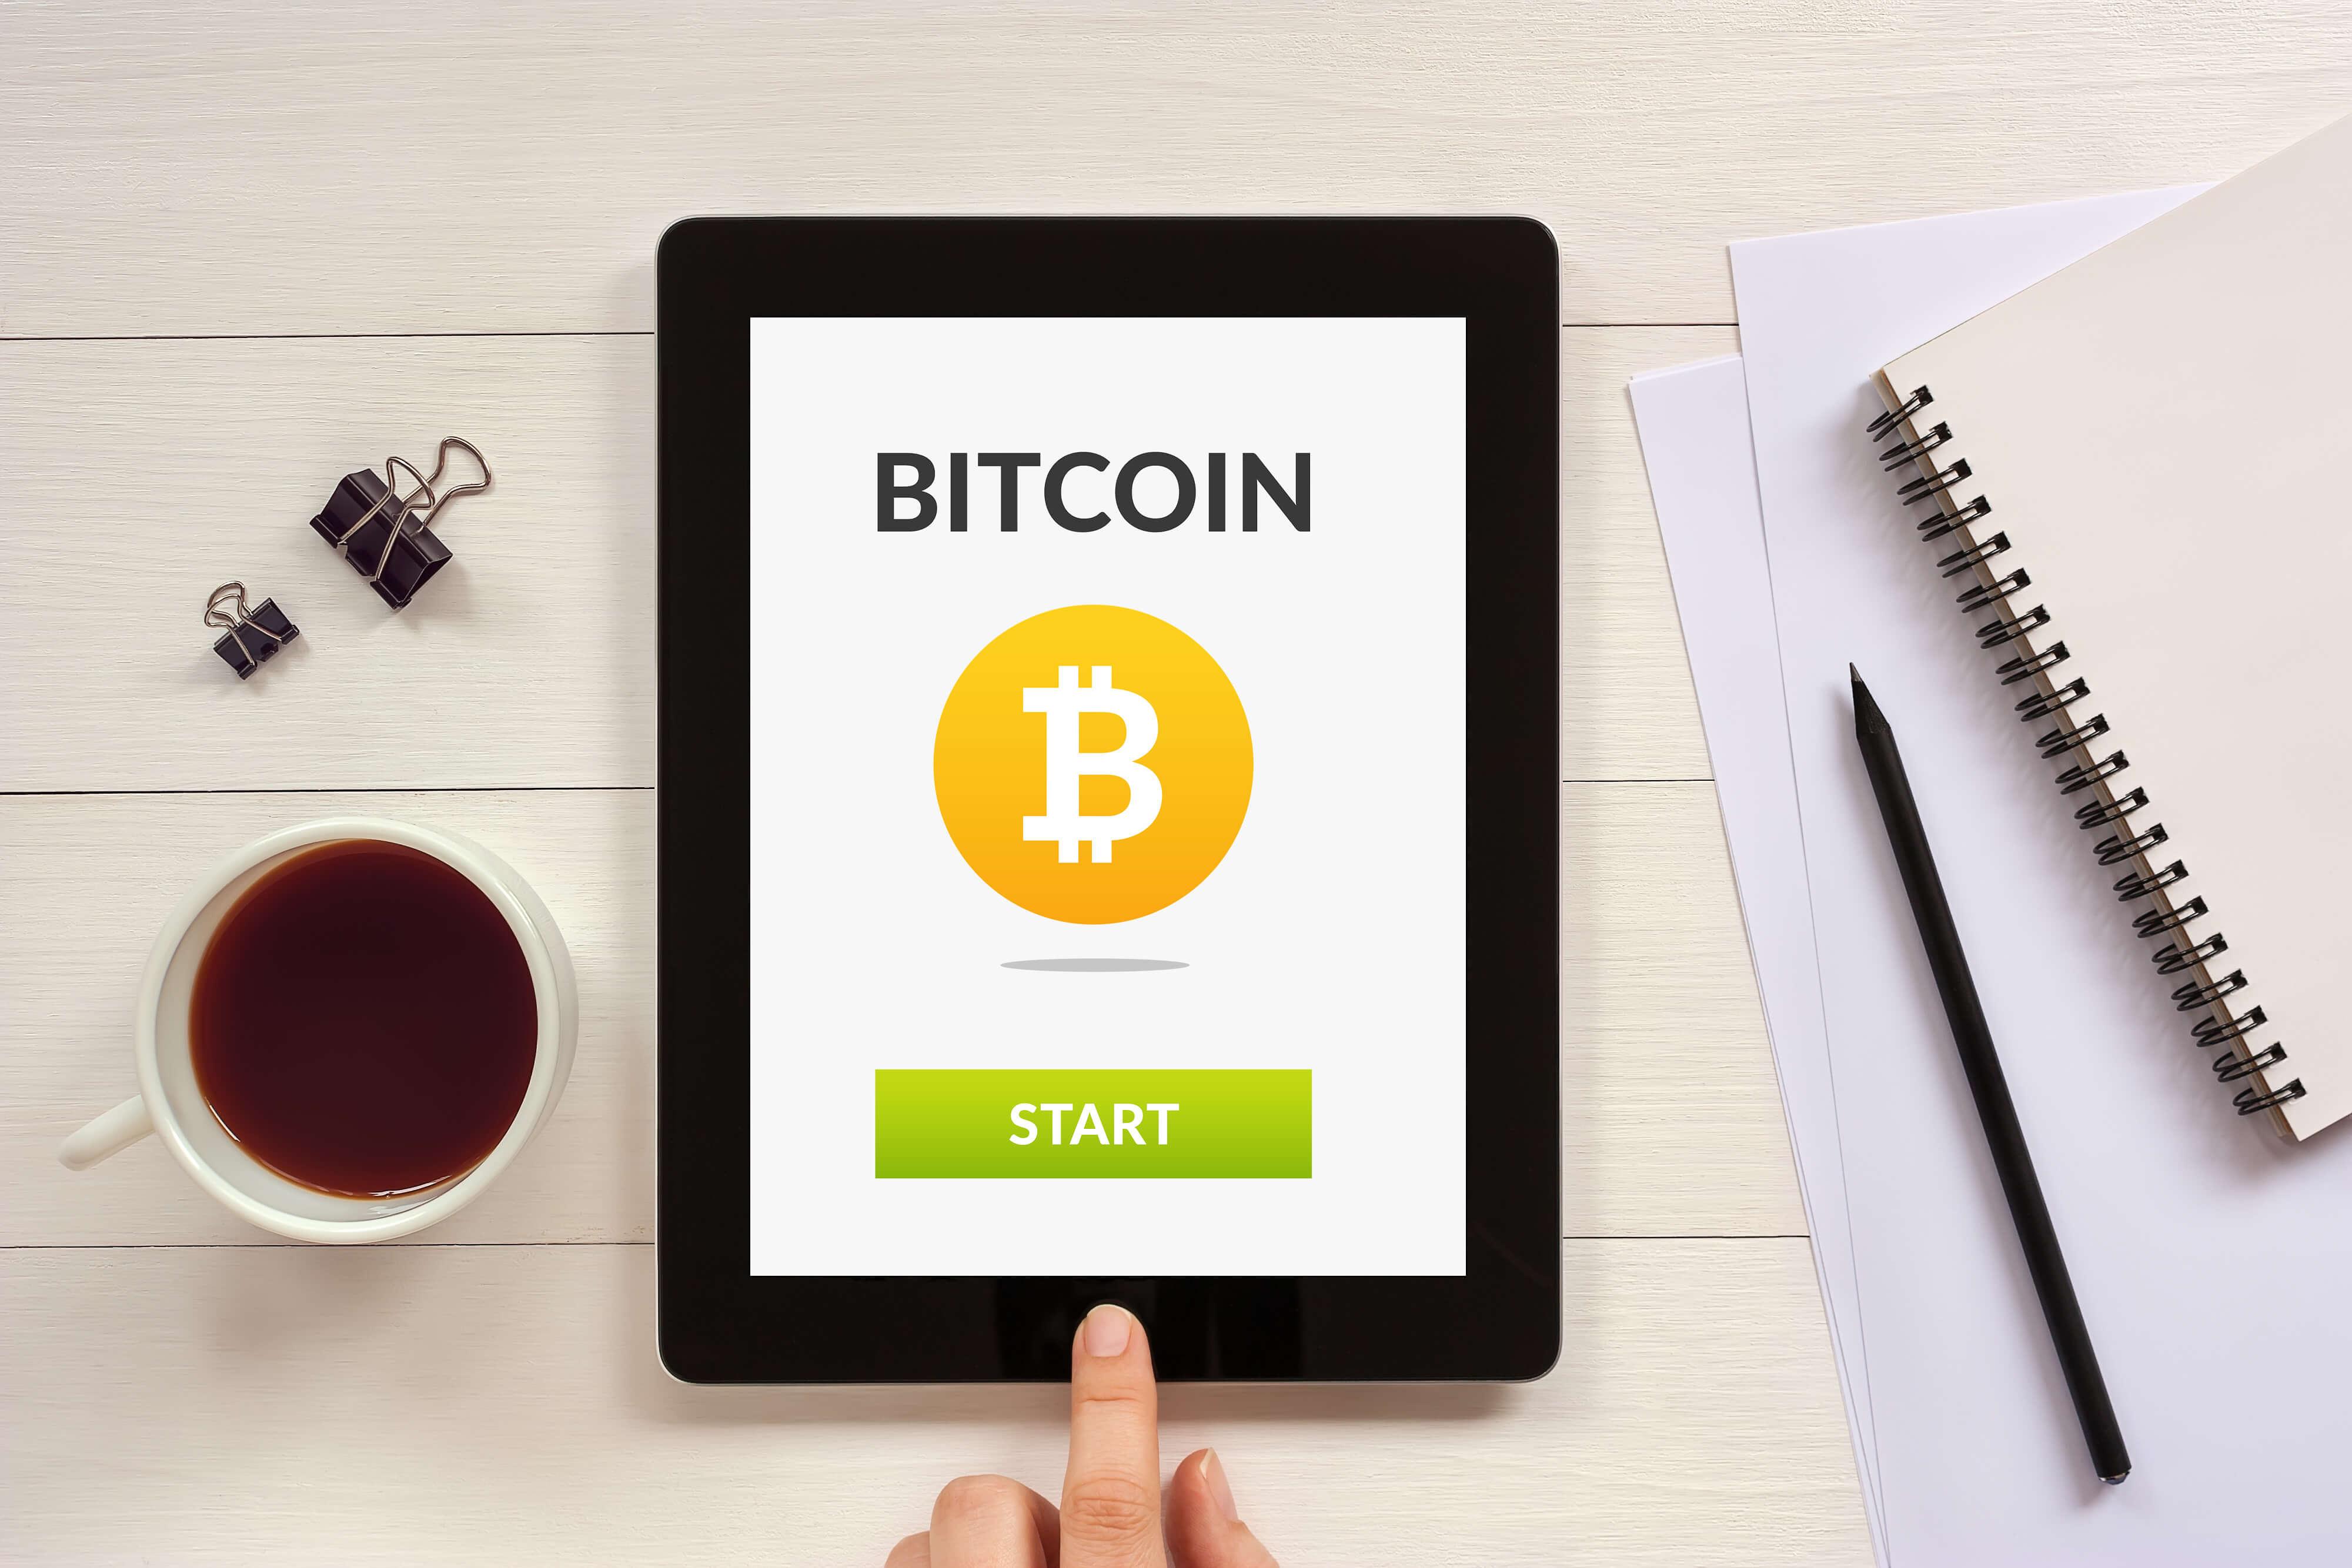 ビットコインいくらから買える?Coincheck(コインチェック)の仮想通貨の最低購入額について